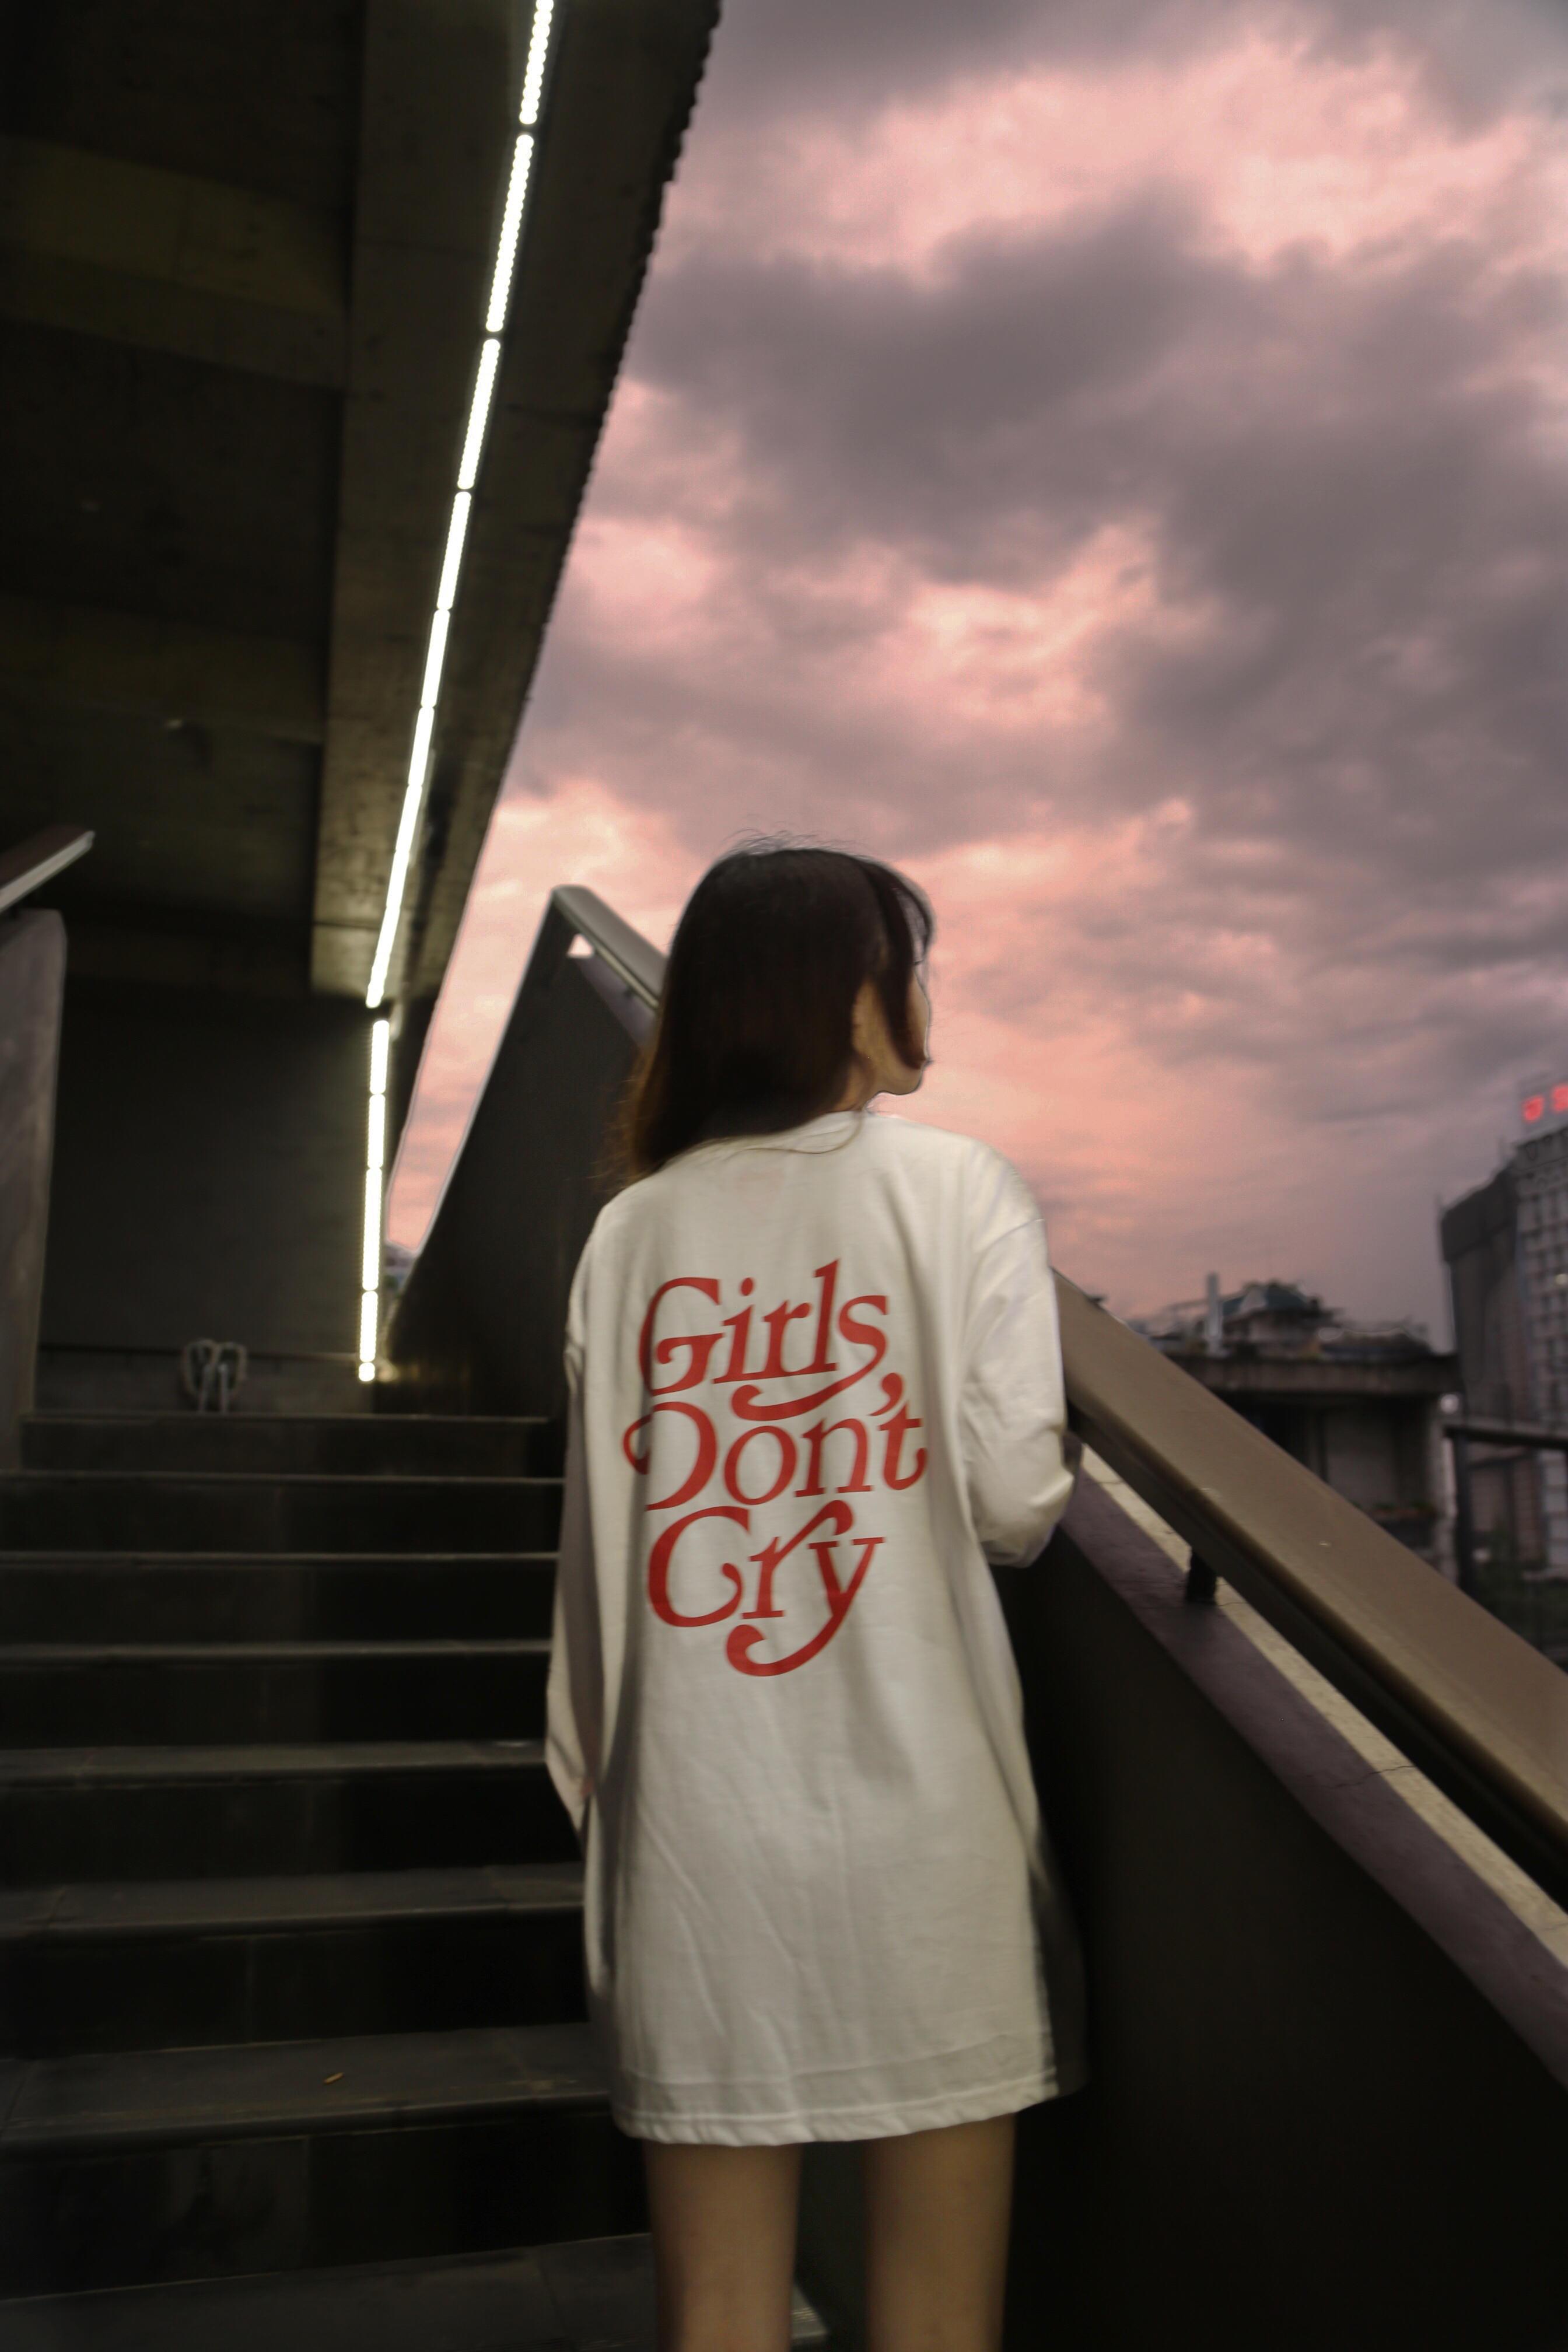 in siêu hot girl don nữ khóc don don cry cry letter in áo dài tay áo thun cotton cổ tròn - Áo phông dài